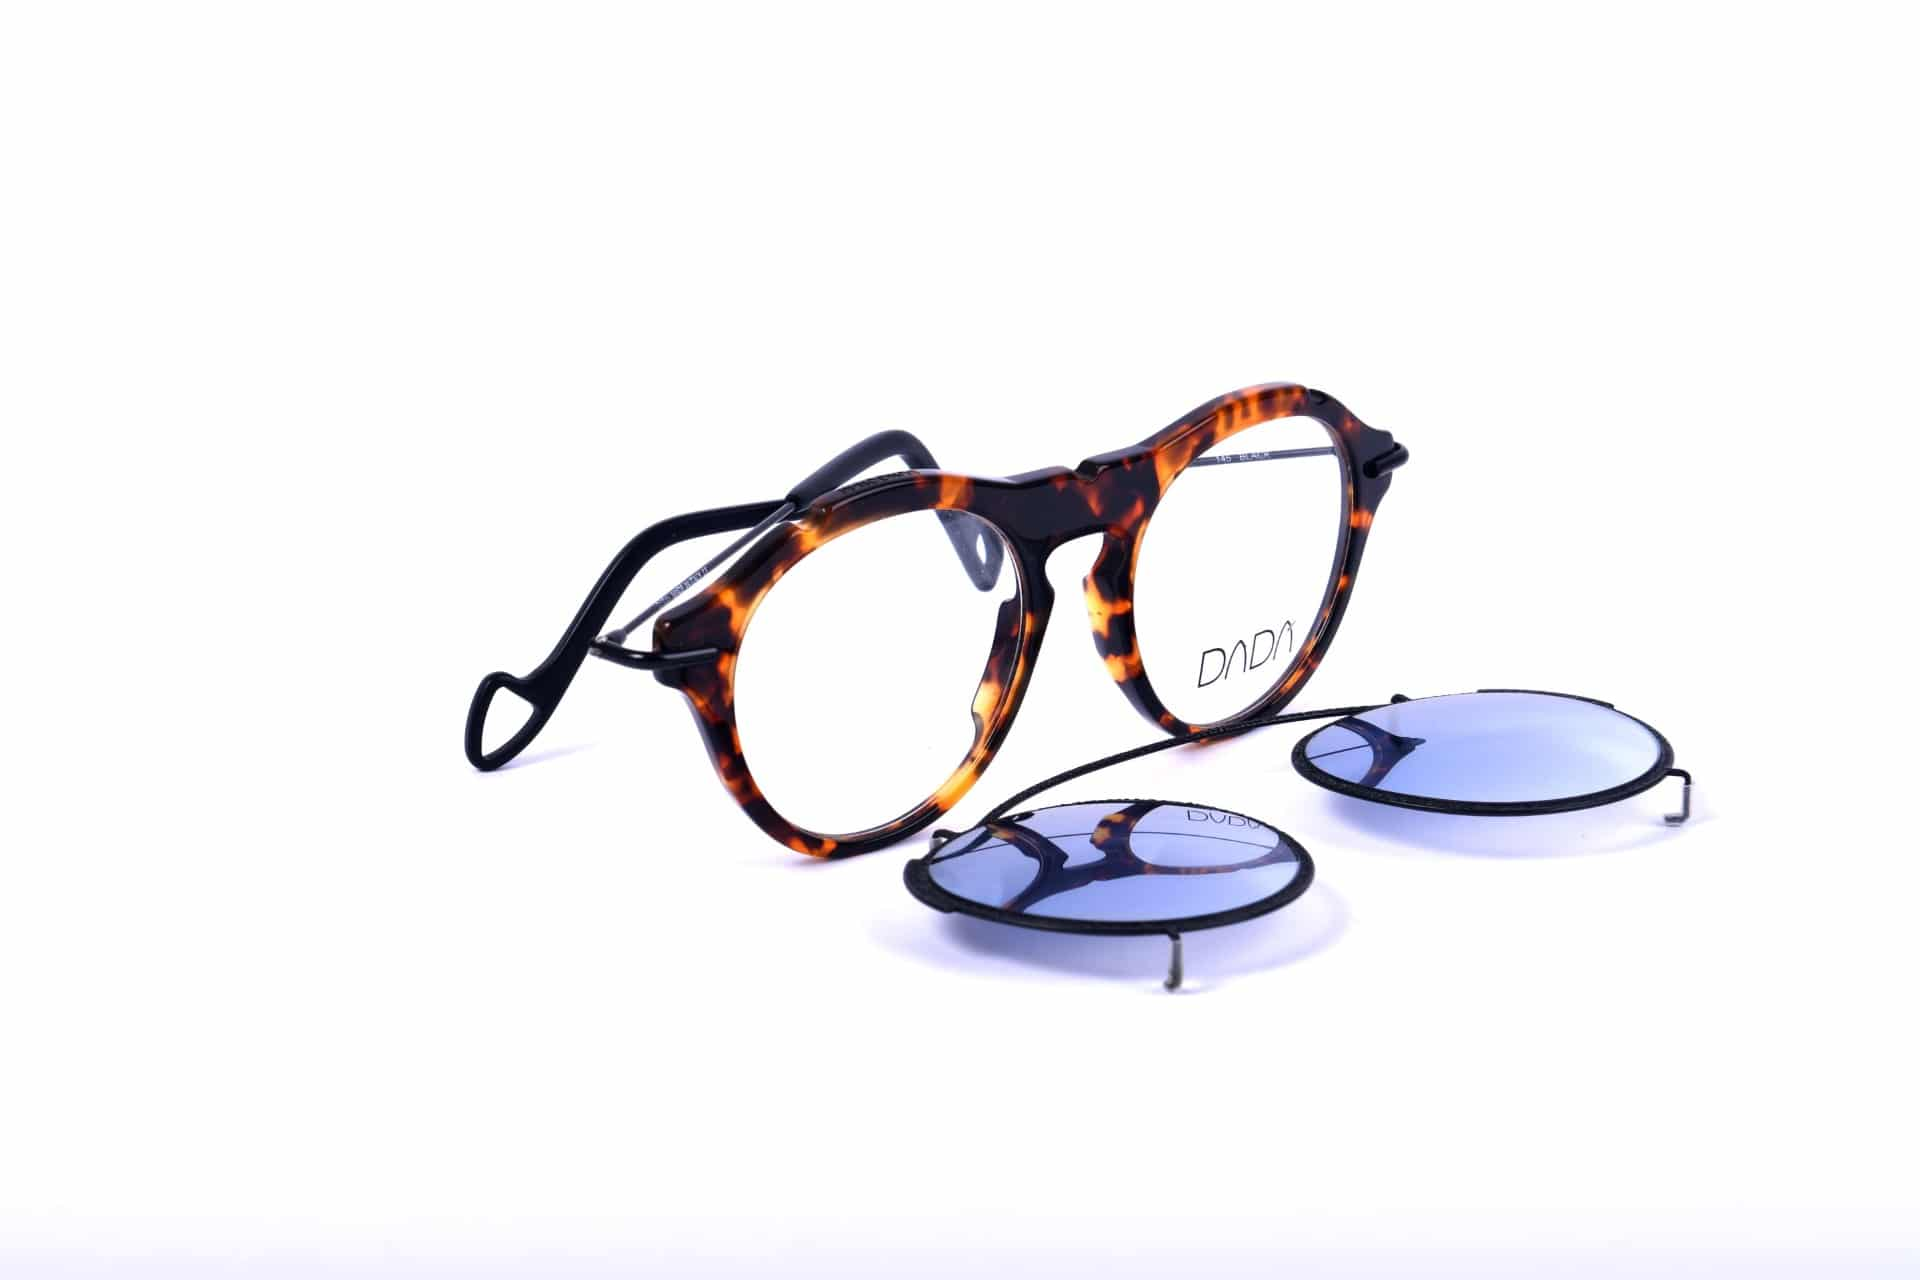 משקפי ראיה לגברים - אופטיקה יפעת, אופטיקאית מוסמכת